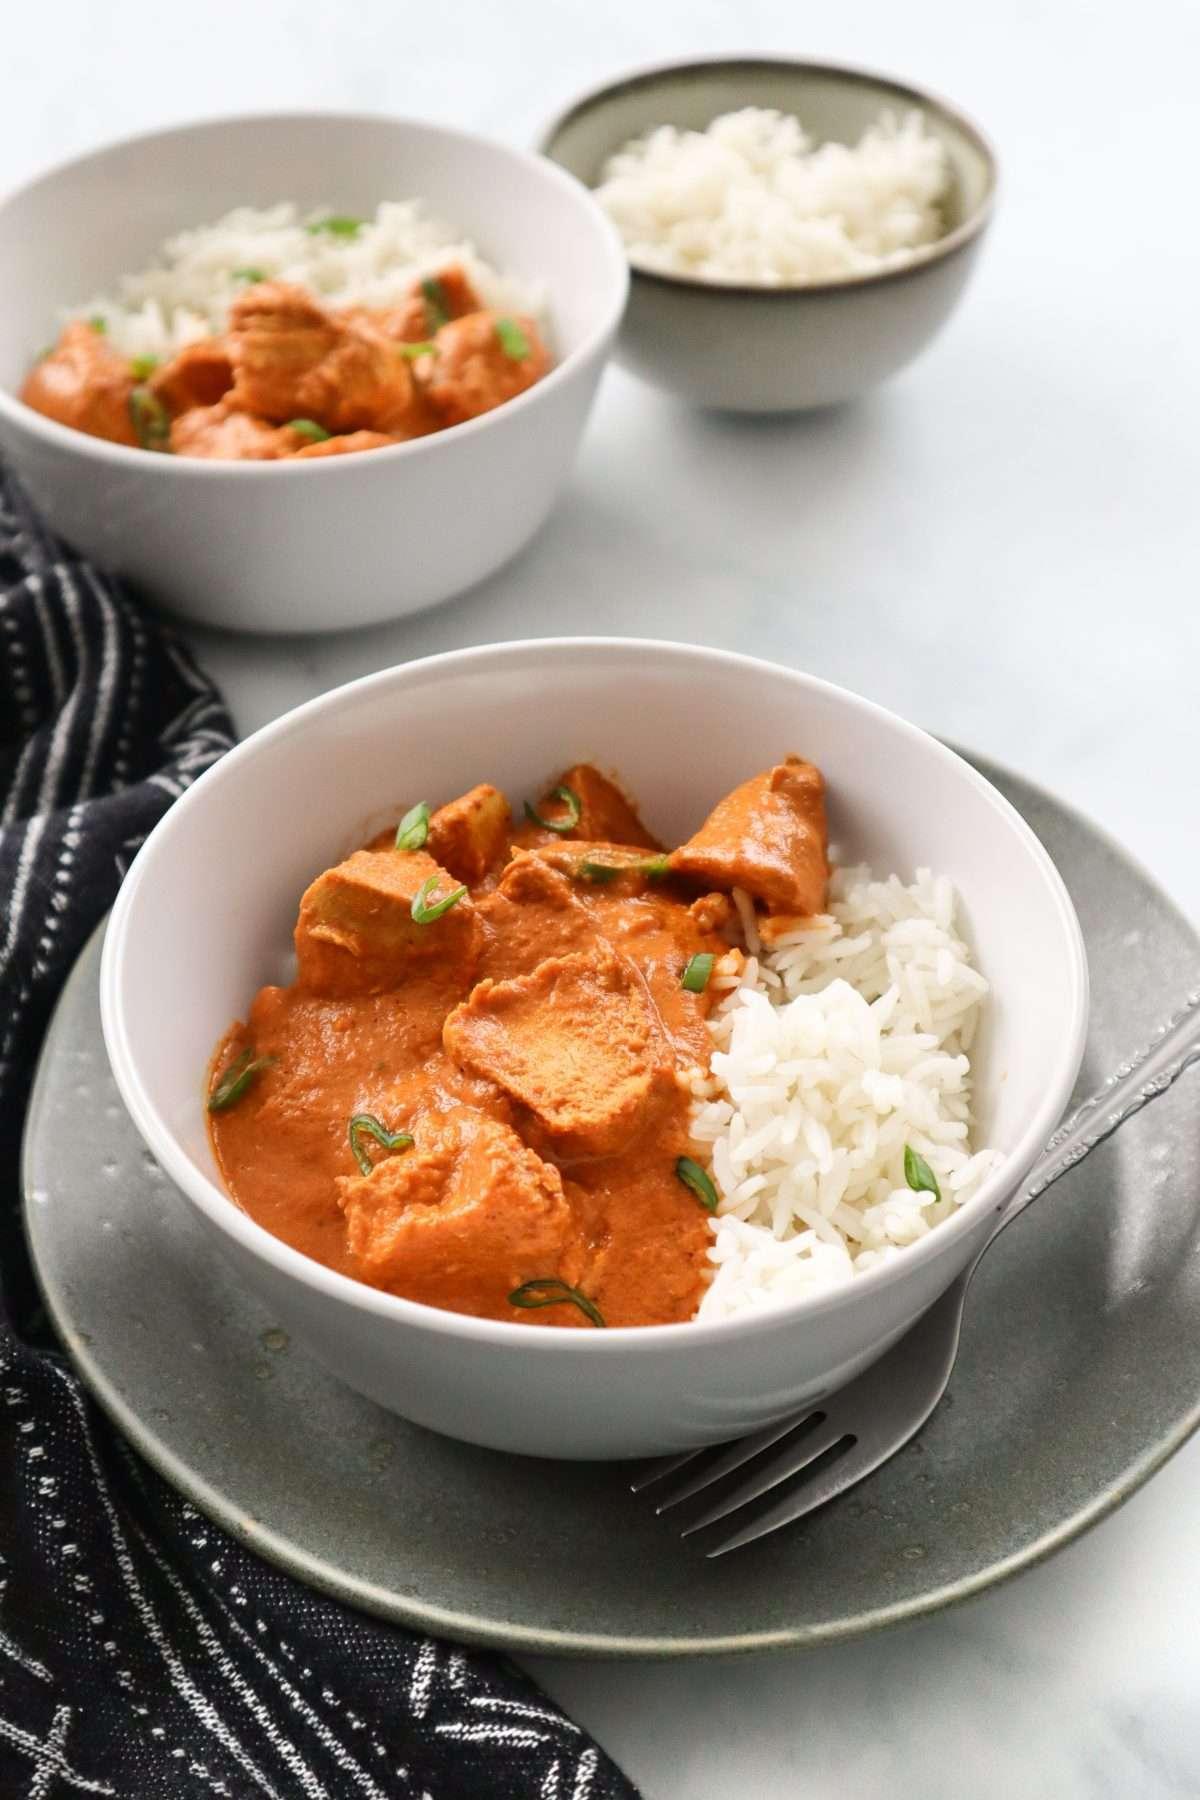 Deux bols de poulet au beurre crémeux, cuit à l'autocuiseur (Instant Pot) servi avec du riz blanc